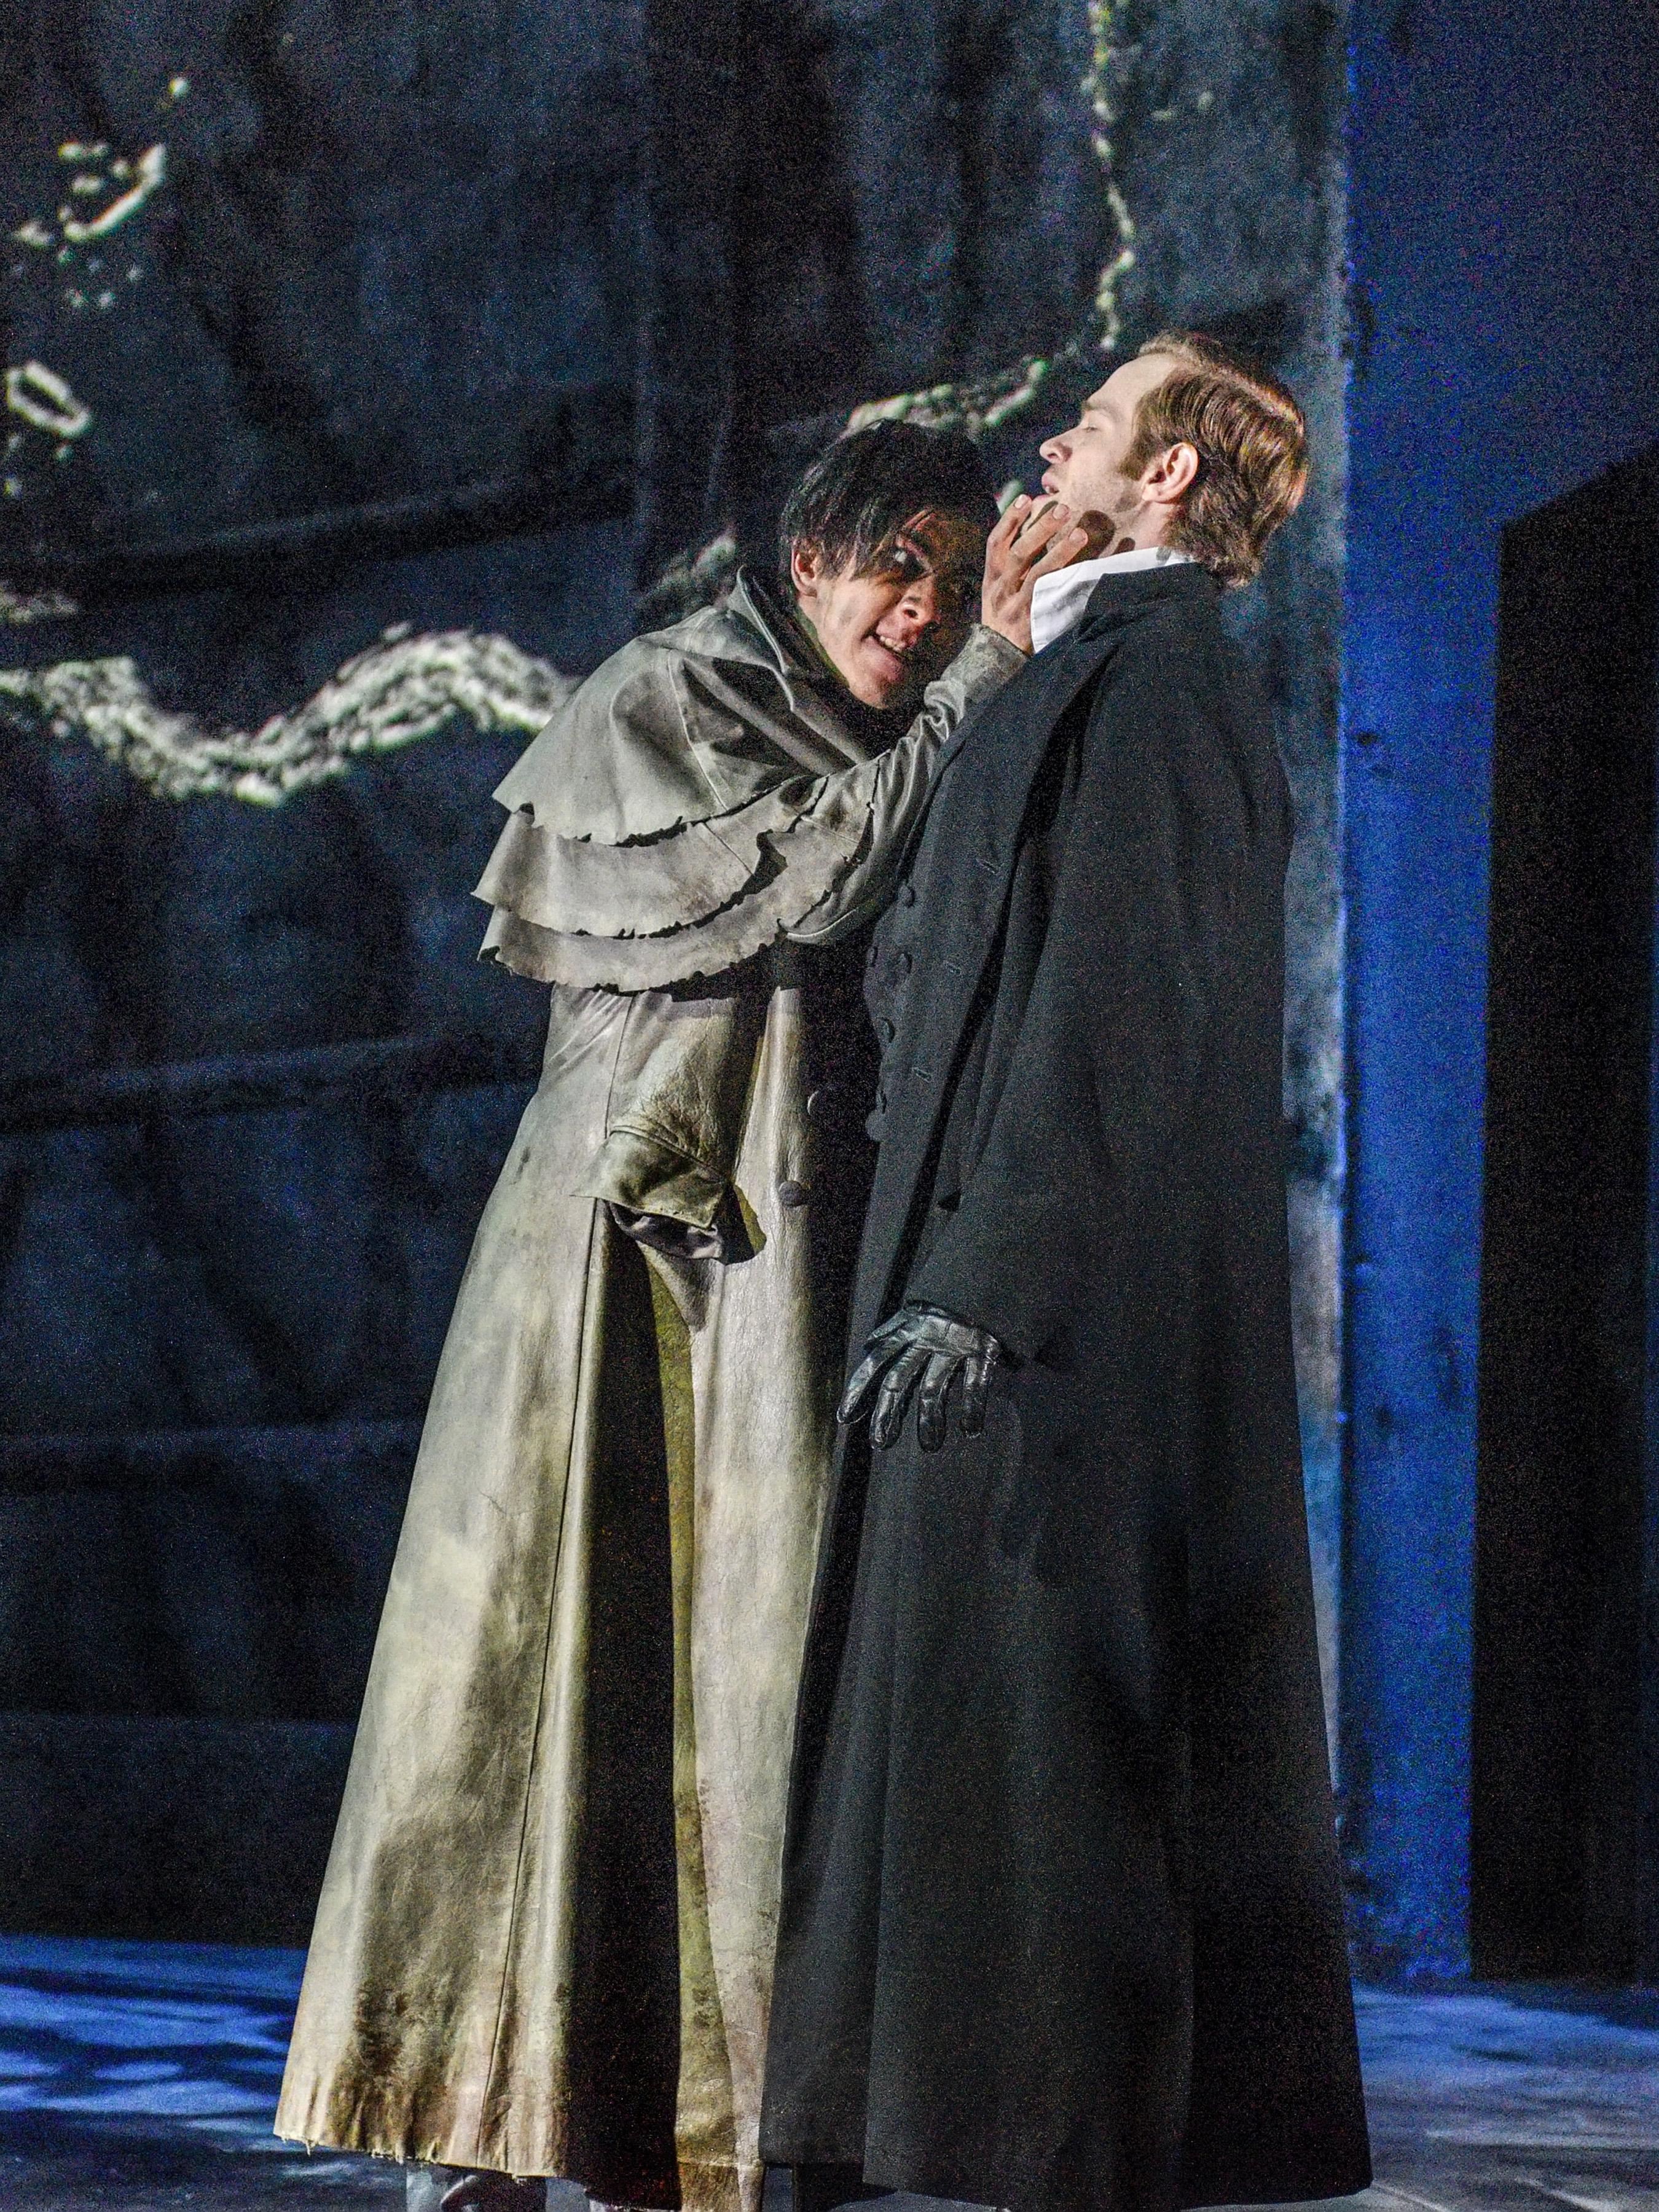 Kim Fischer as The Creature and Alex Organ as Dr. Frankenstein - Photo by Karen Almond